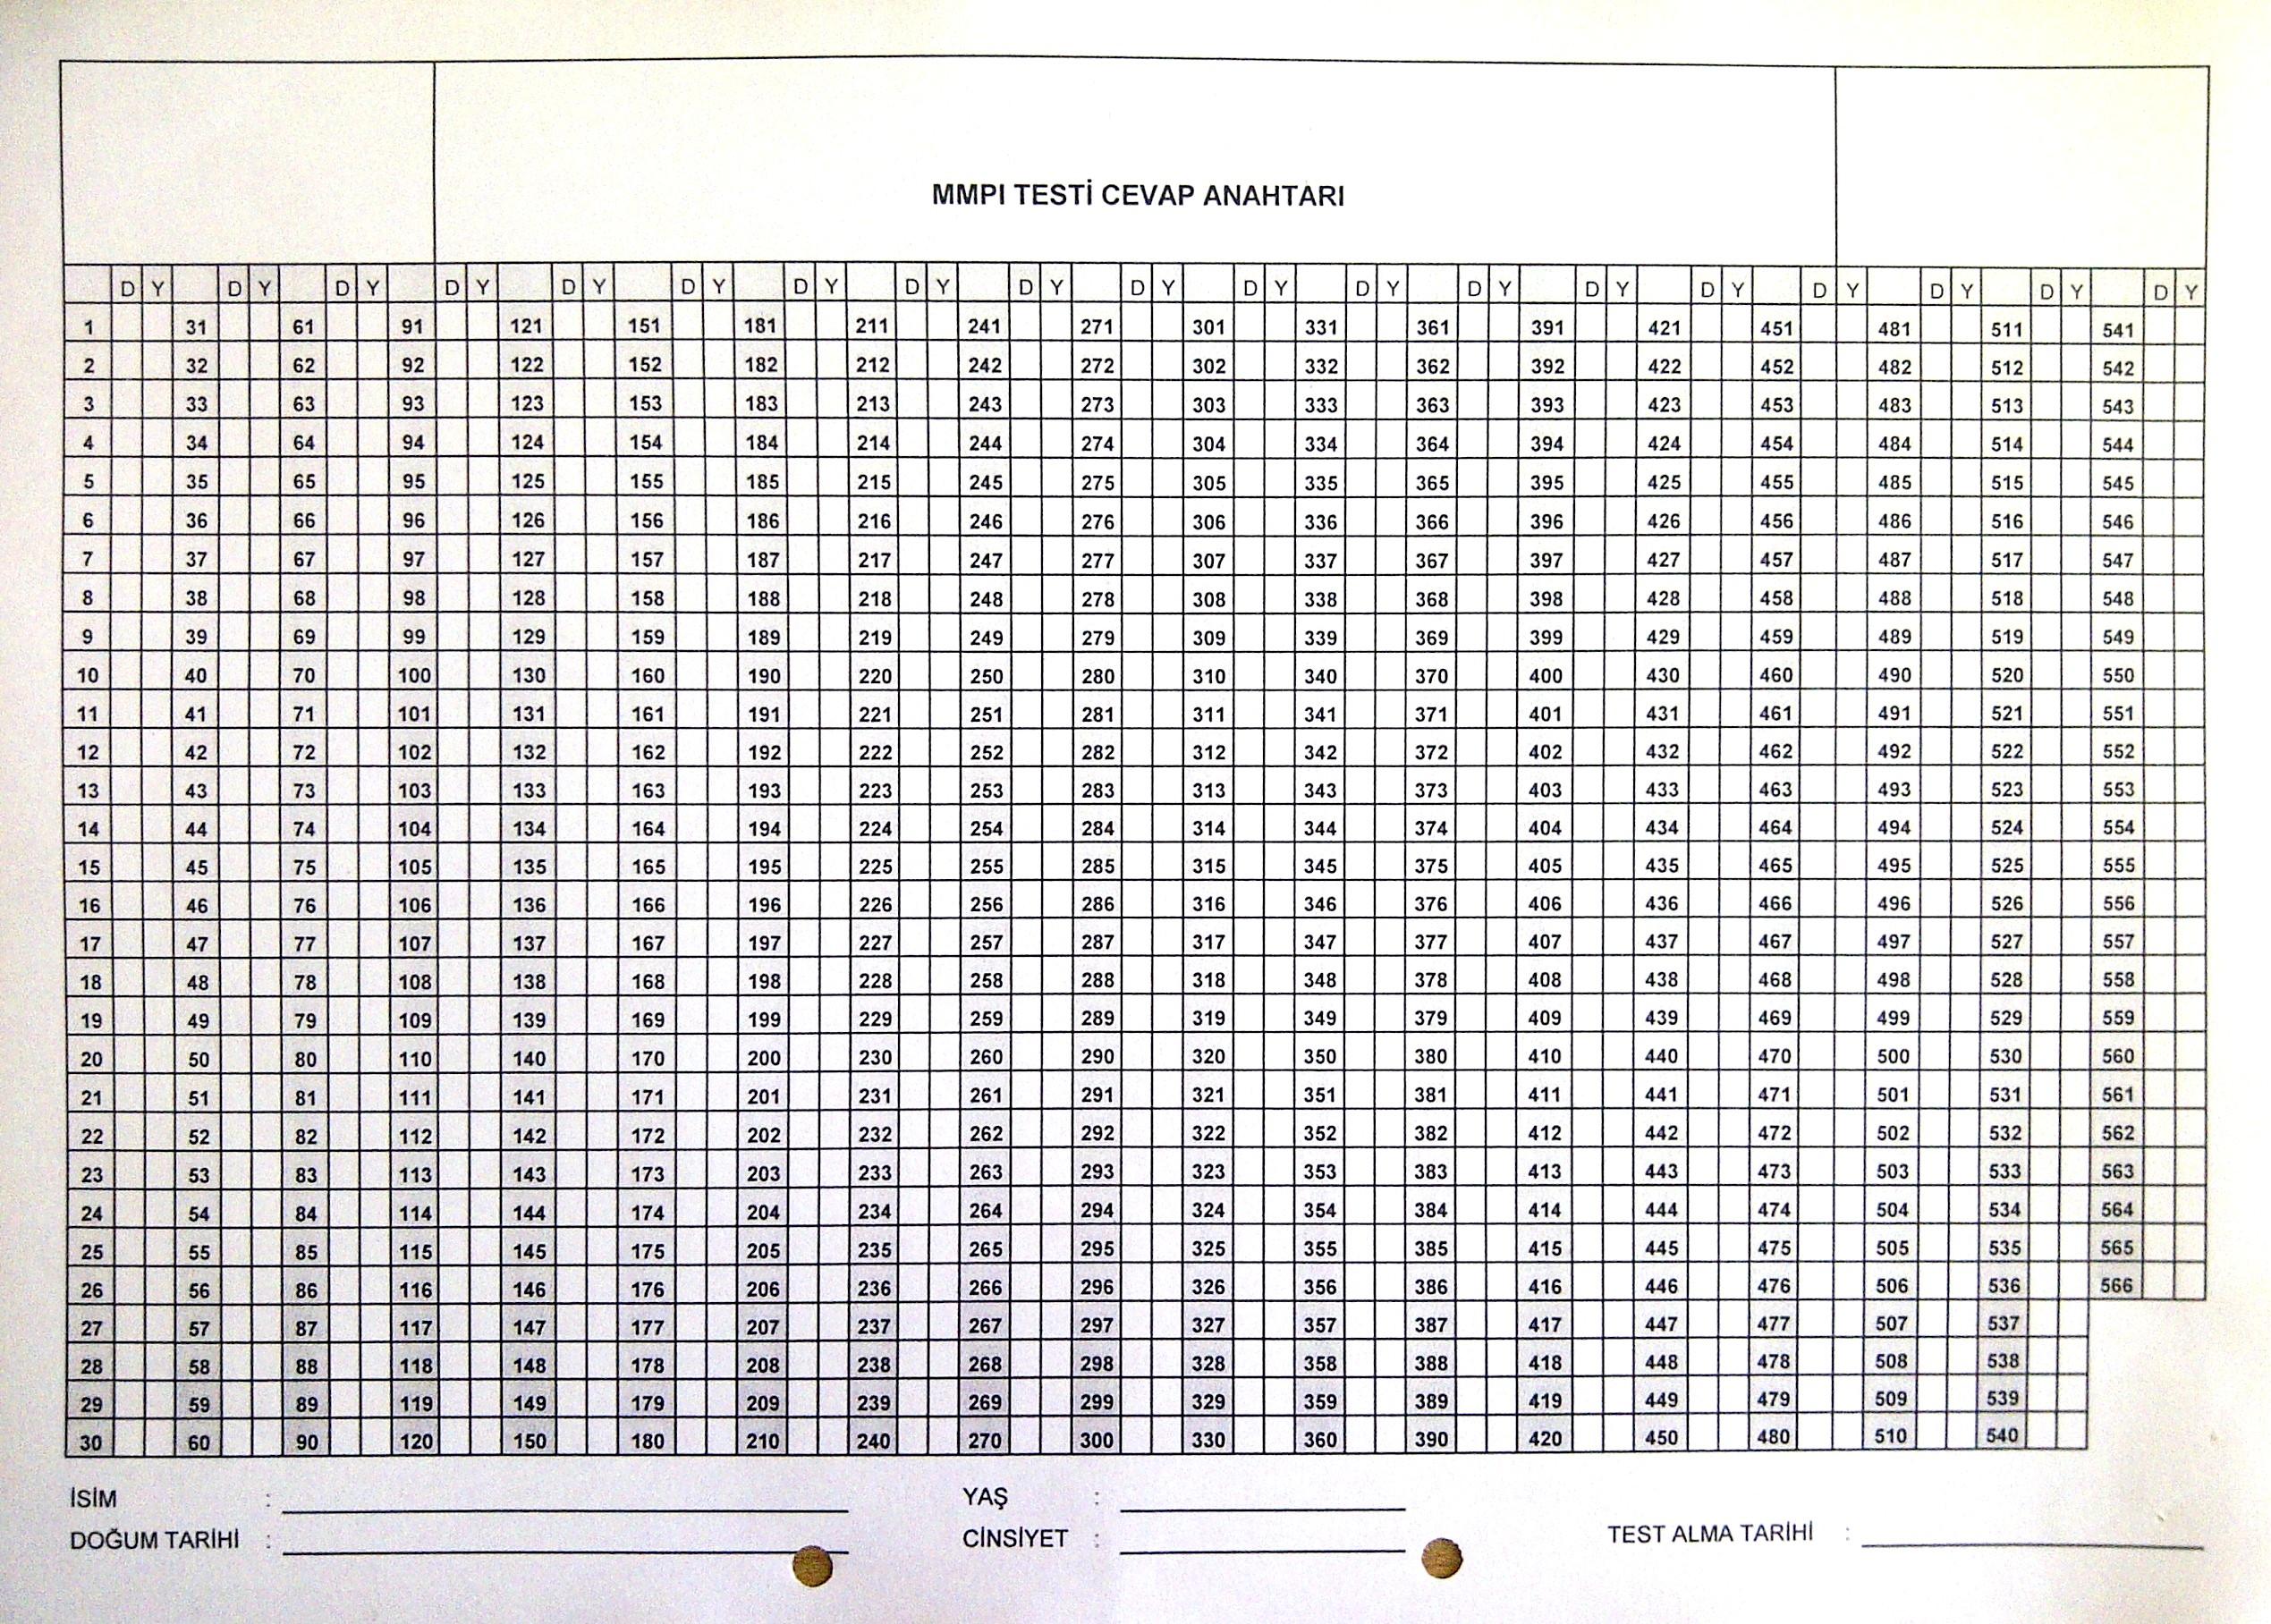 Mmpi 2 Scoring Sheet.MMPI 2: Take The MMPI Personality Test Free ...